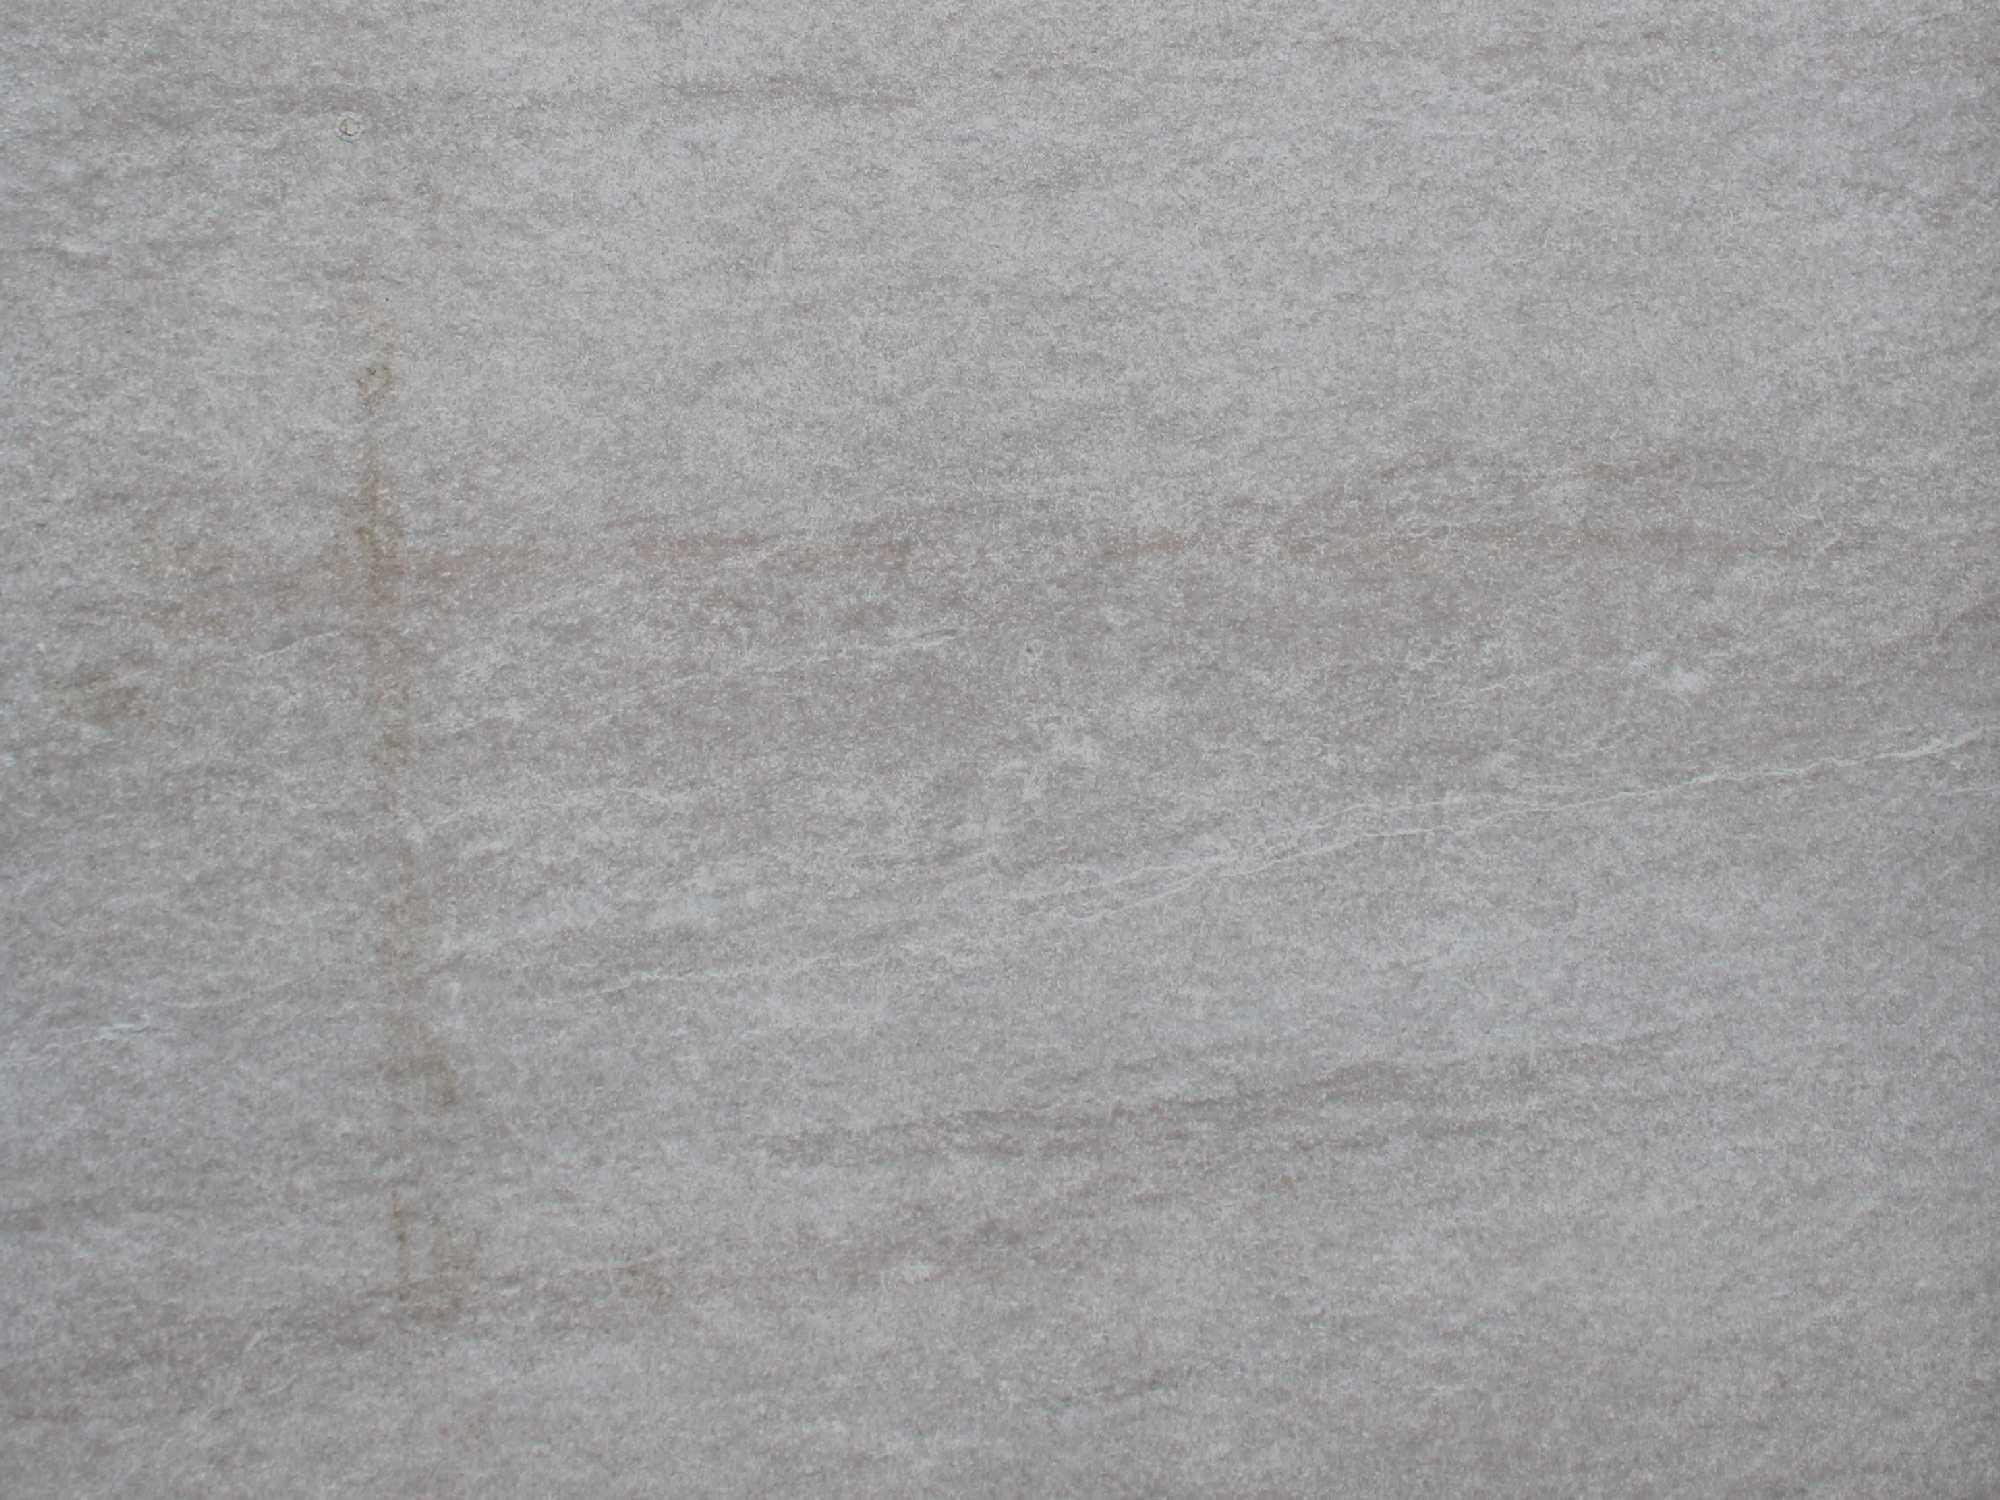 Feinsteinplatten Steinplatten Ostschweiz St Gallen Appenzell - Feinsteinplatten aussenbereich